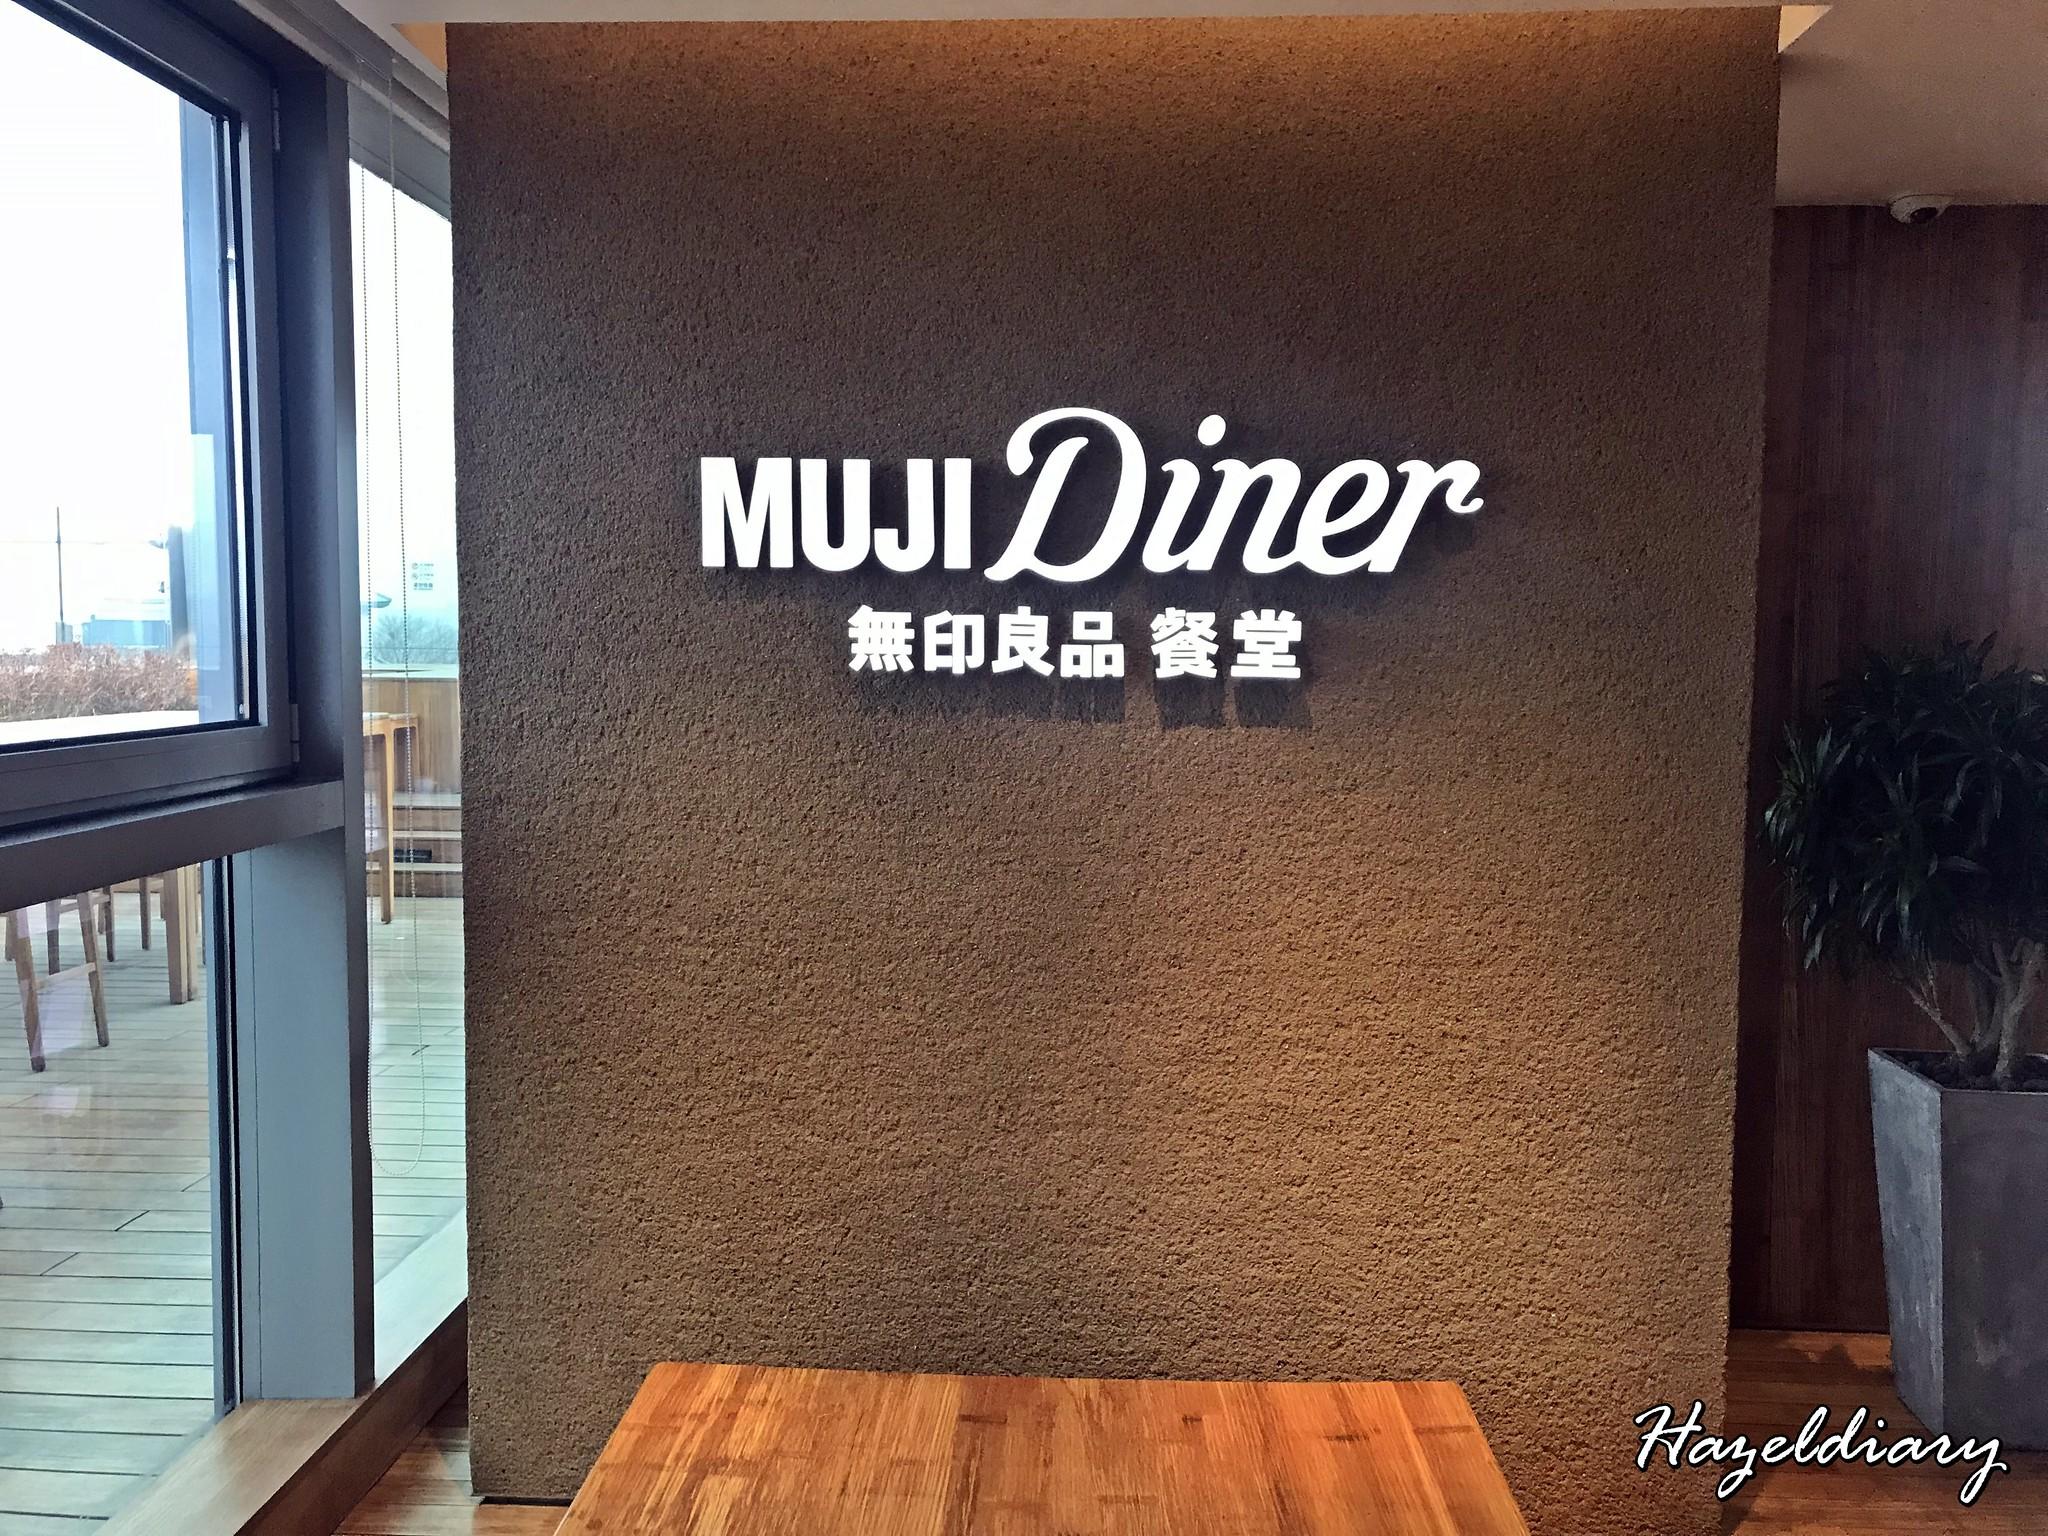 Muji Hotel Beijing China-Muji Diner-1